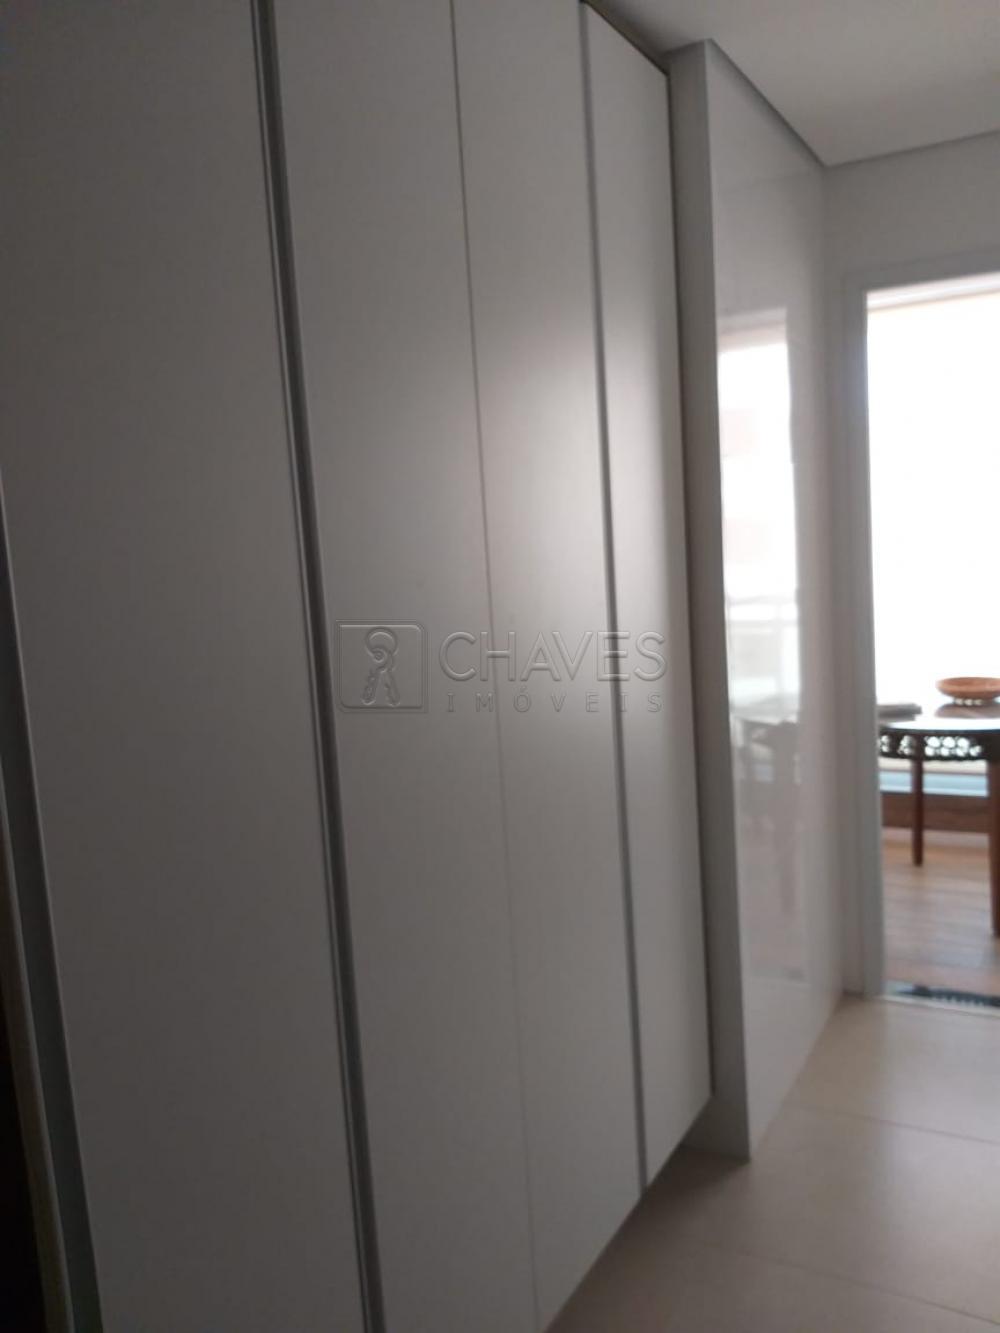 Comprar Apartamento / Padrão em Ribeirão Preto apenas R$ 586.450,00 - Foto 11